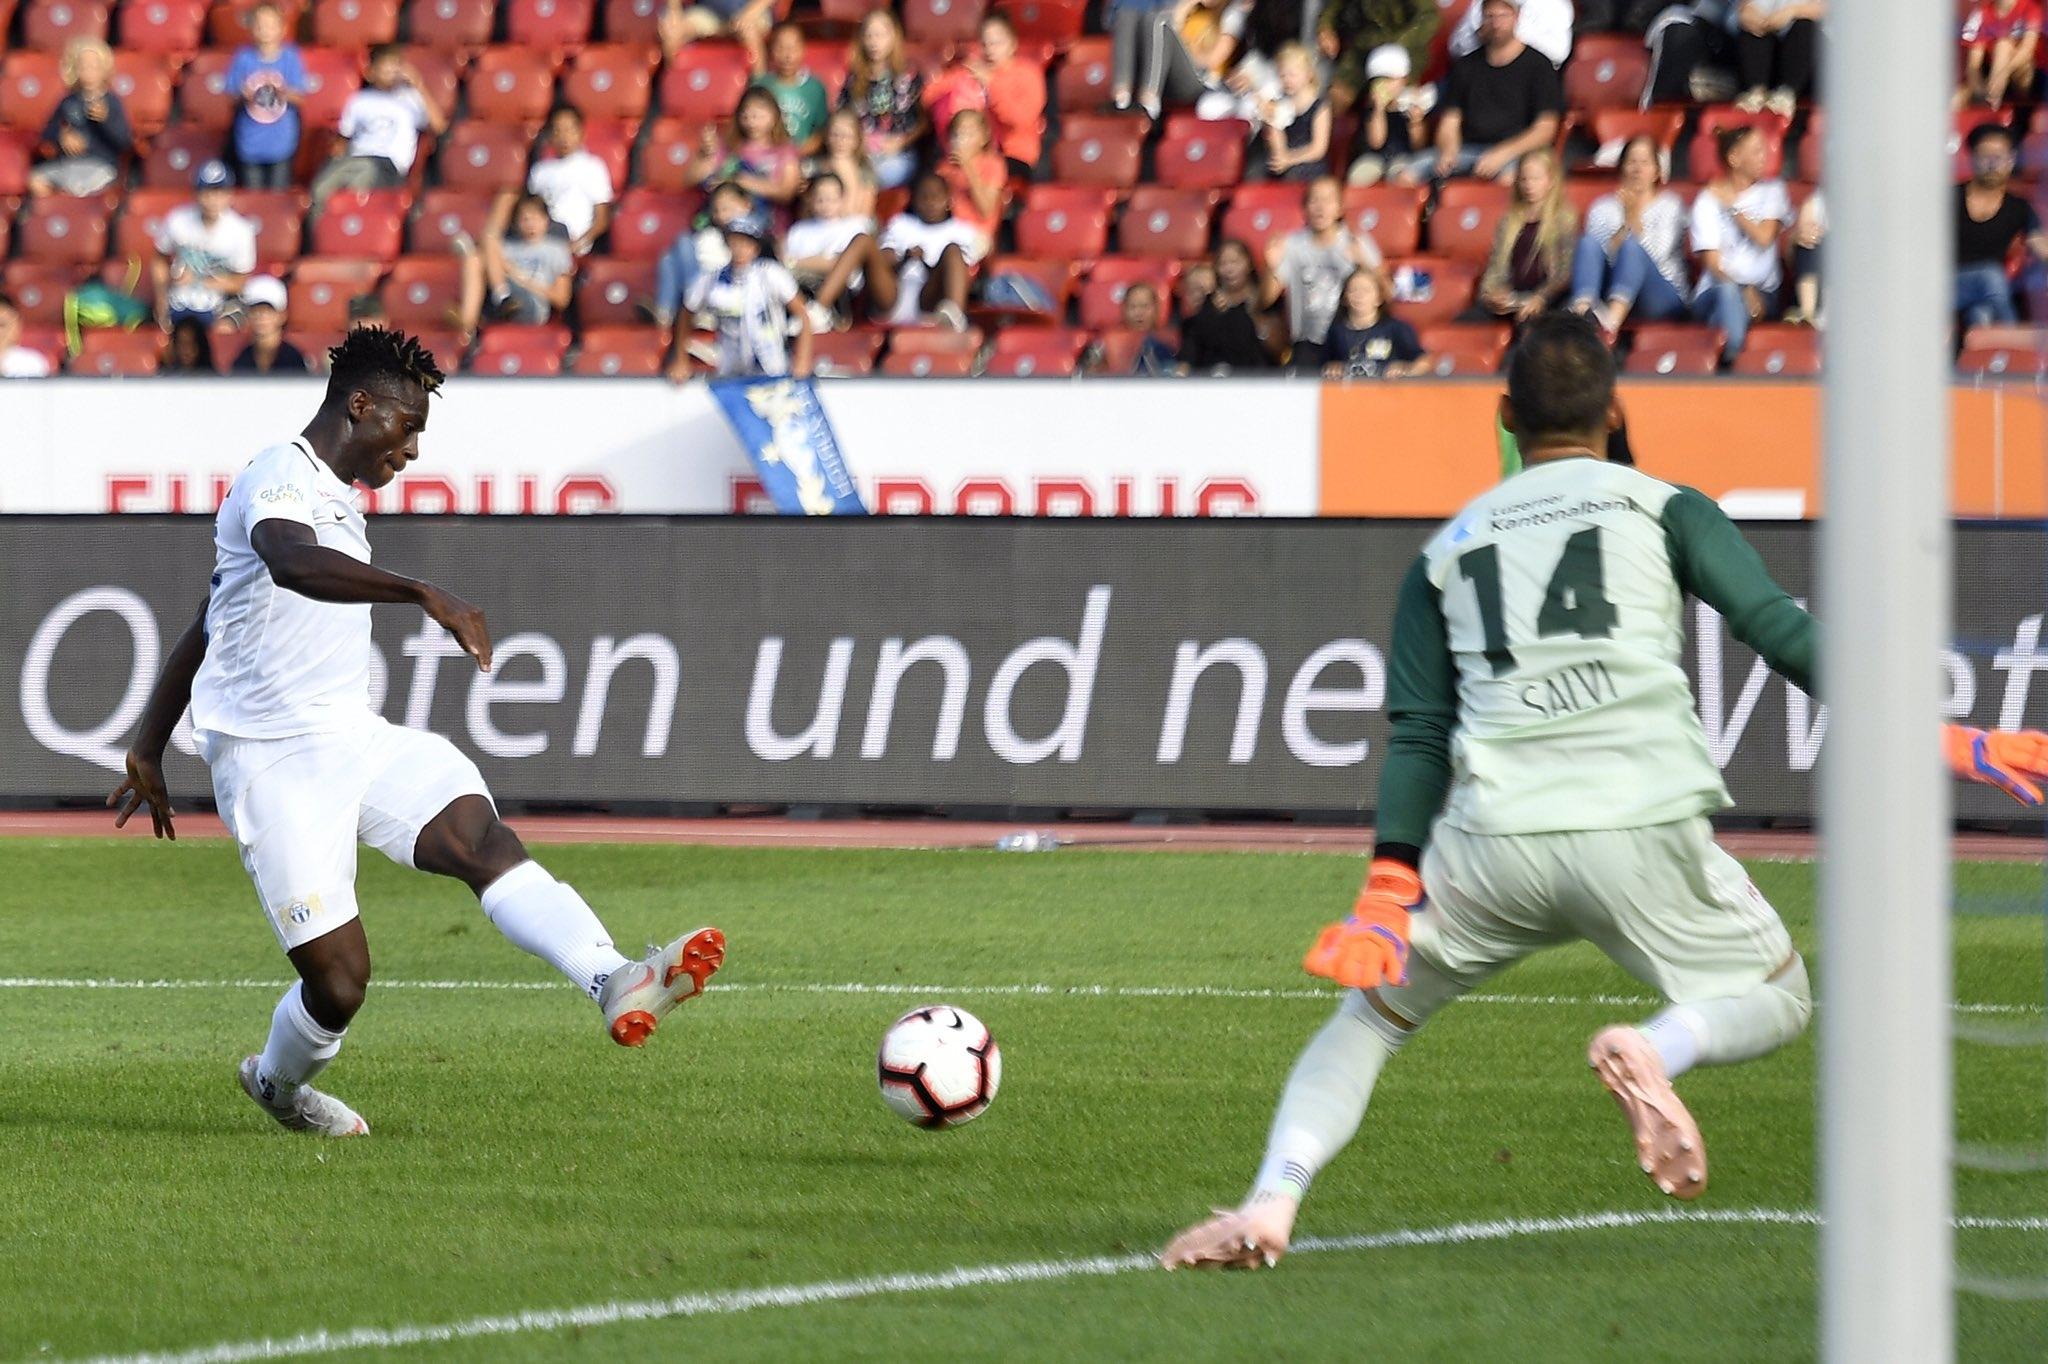 Съперникът на Лудогорец в Лига Европа - ФК Цюрих, постигна